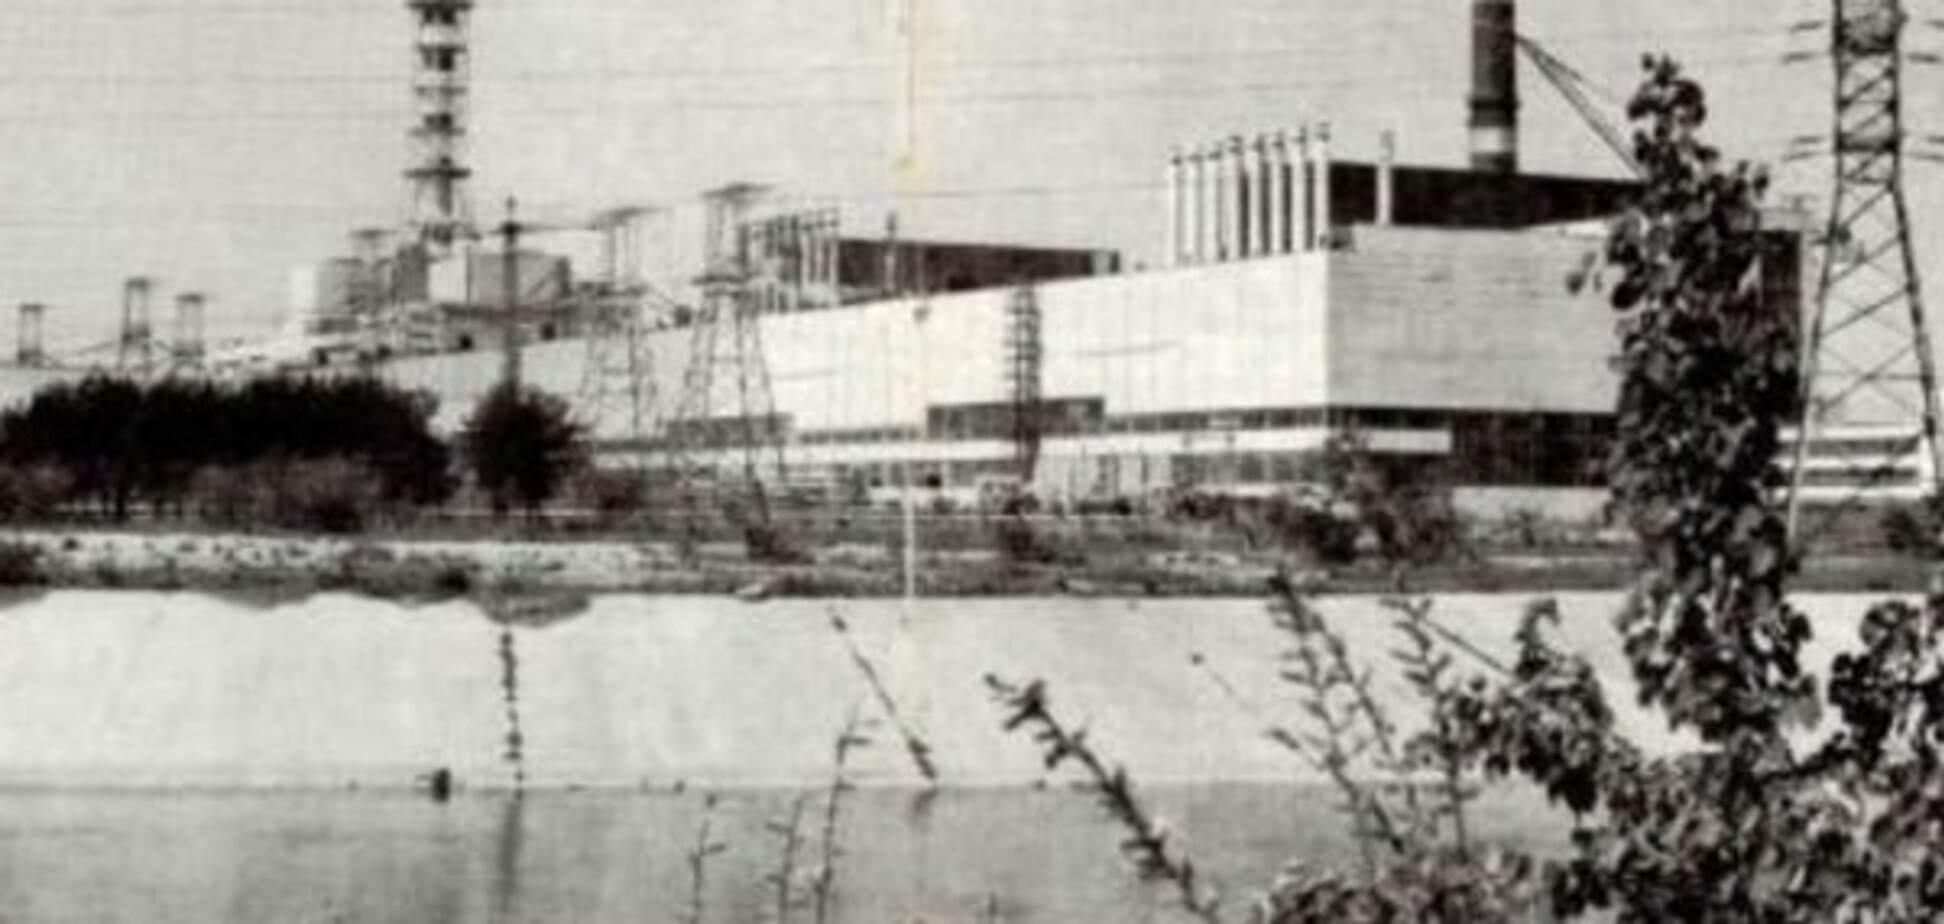 Катастрофа на ЧАЕС у 1986 році була далеко не першою аварією на станції - В'ятрович